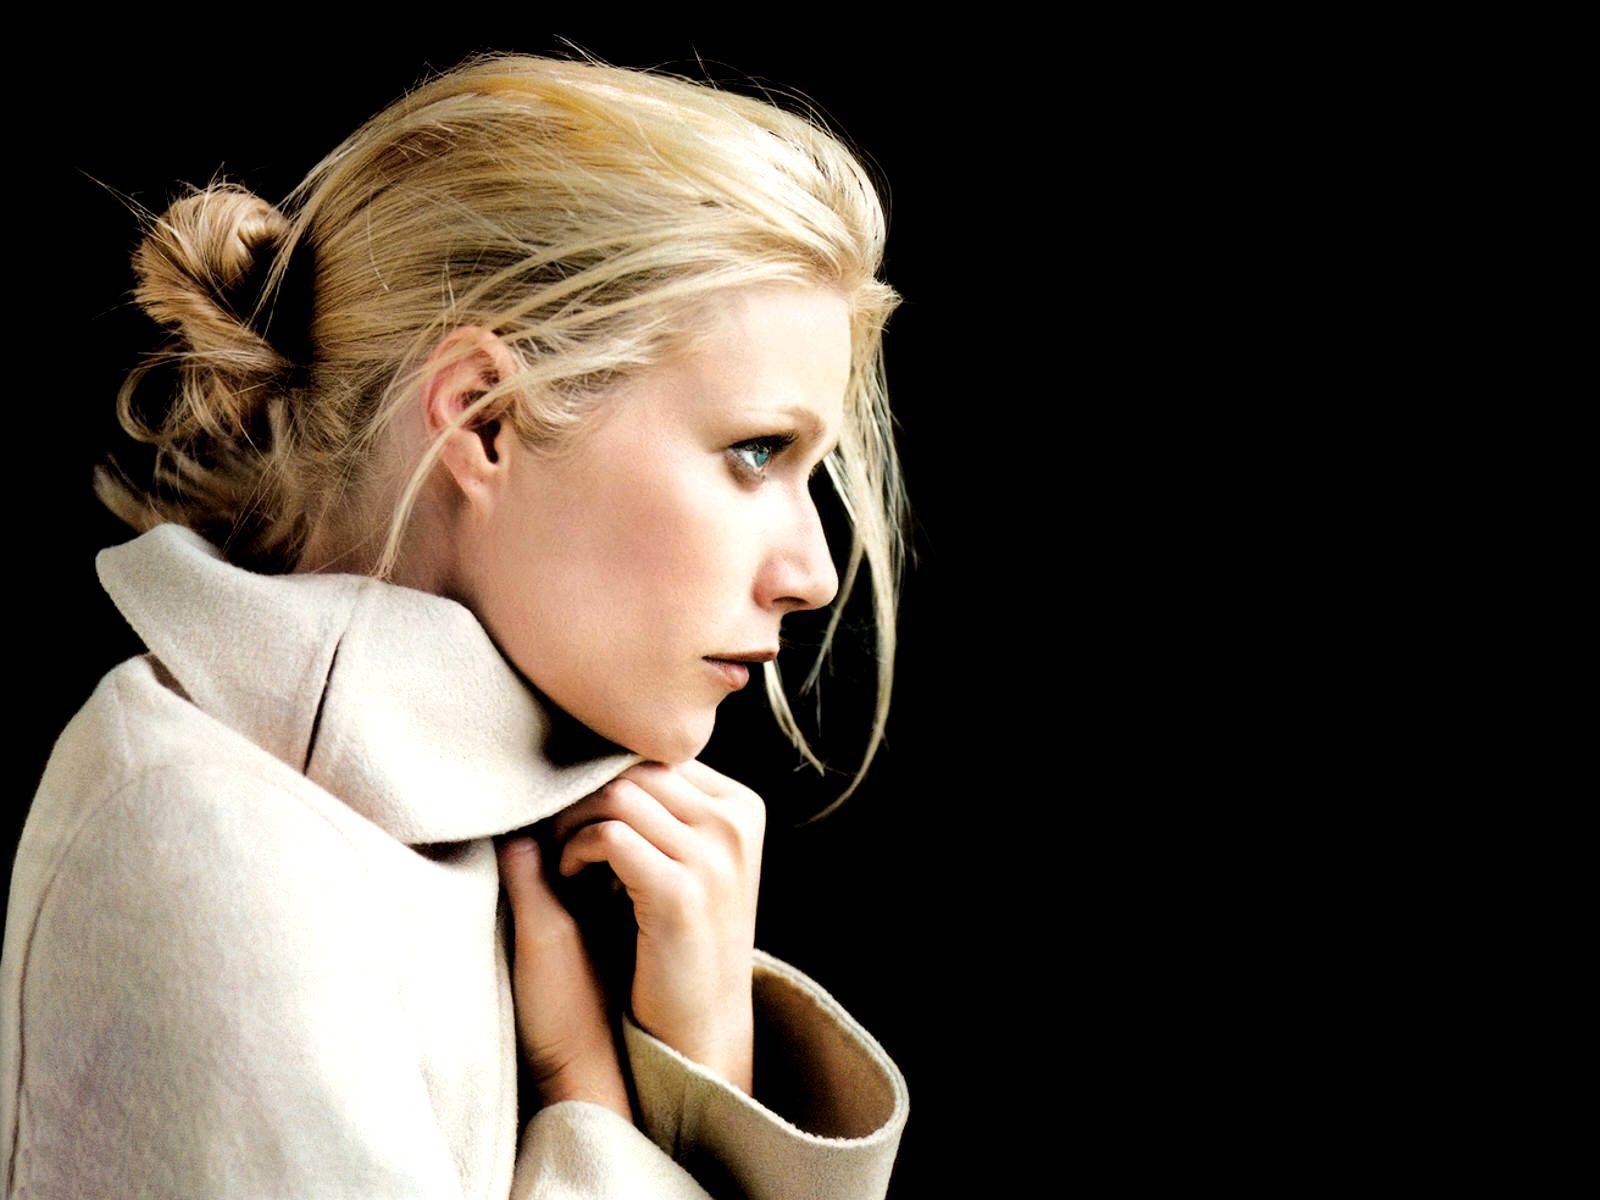 Gwyneth Paltrow High Definition